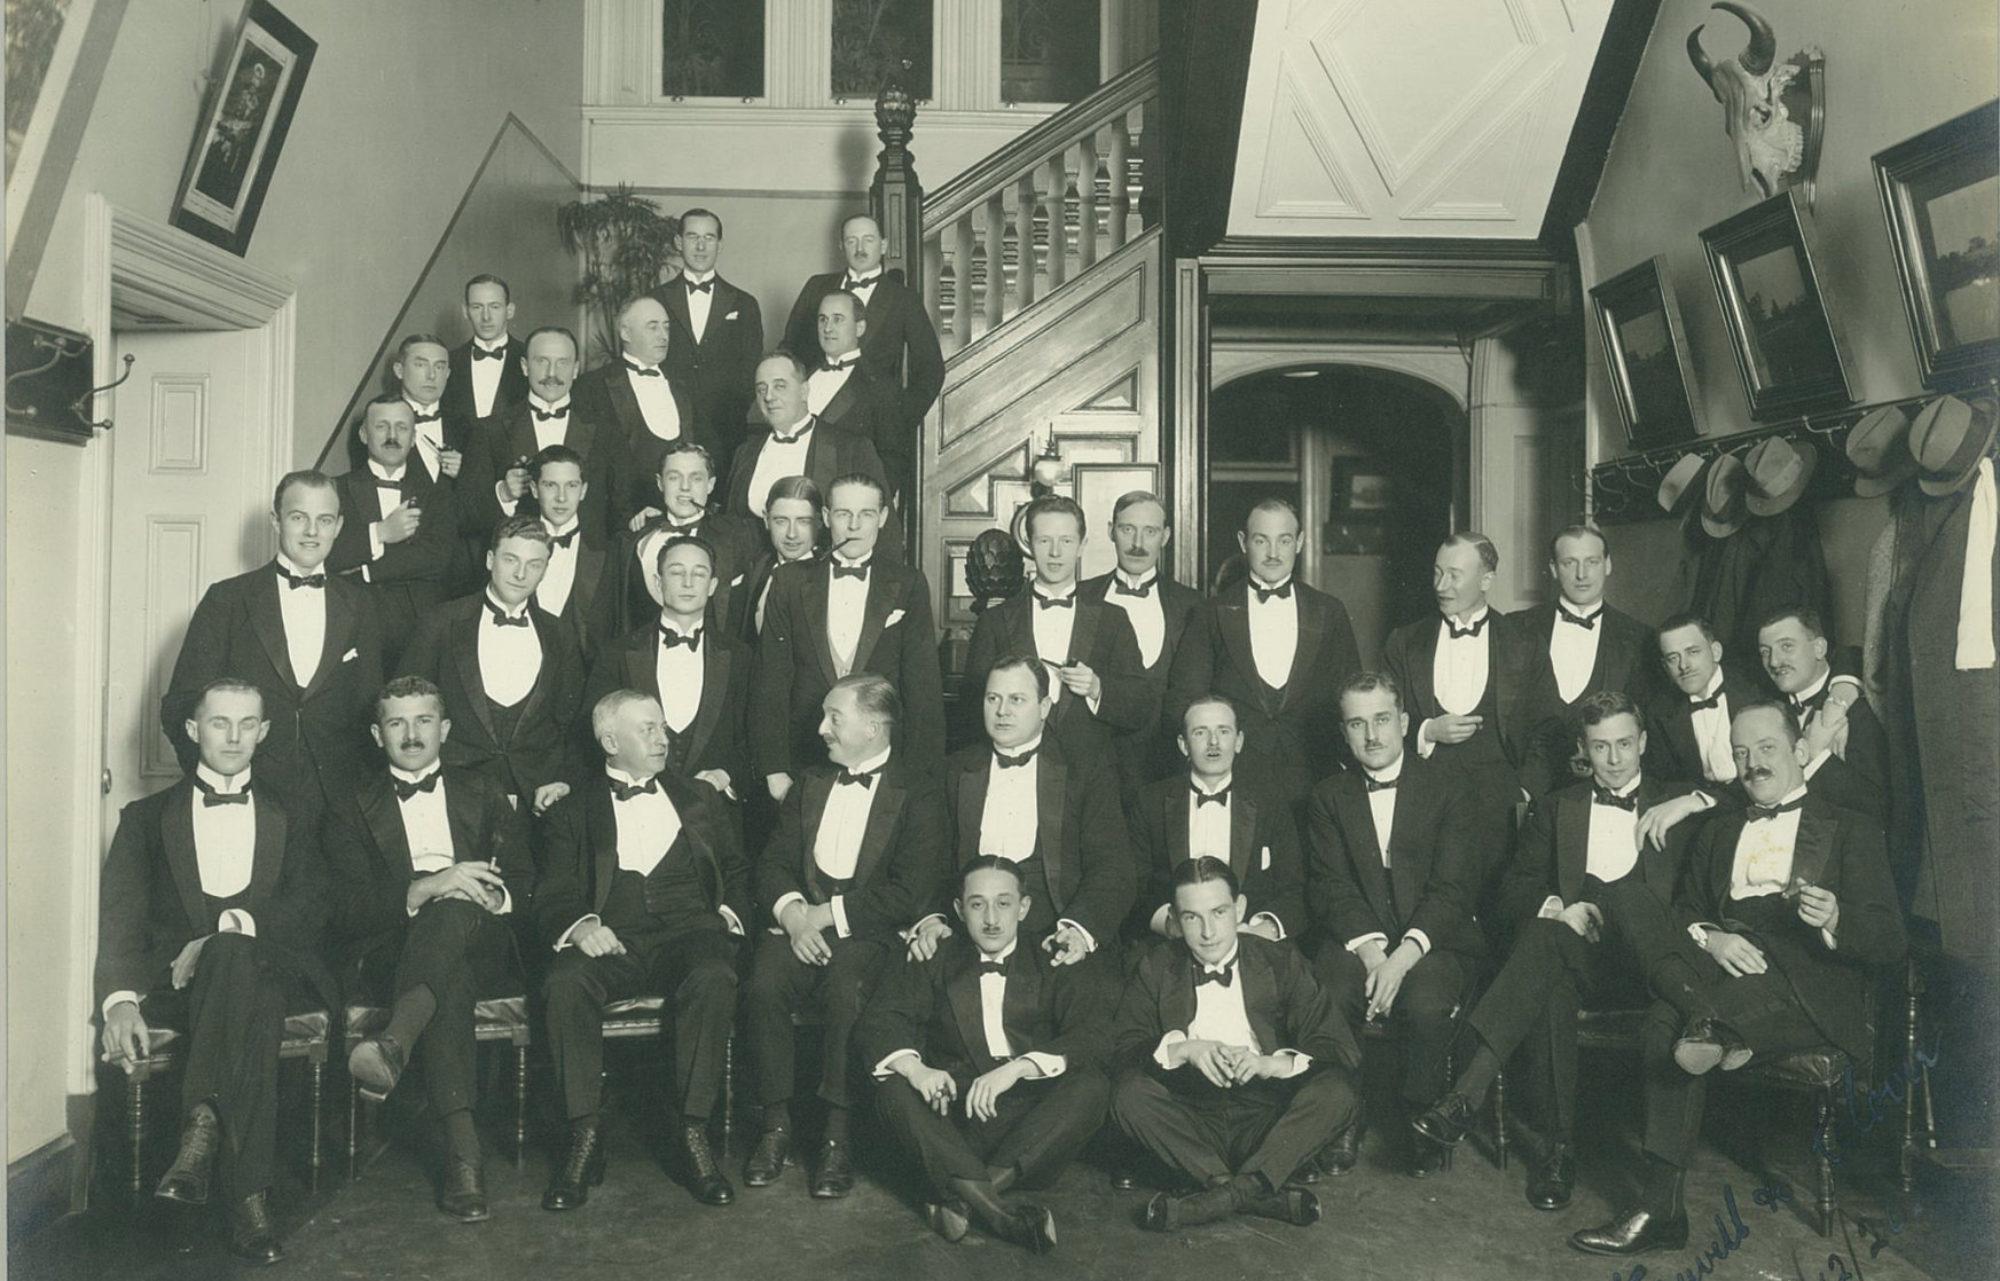 Kobe Club - since 1869